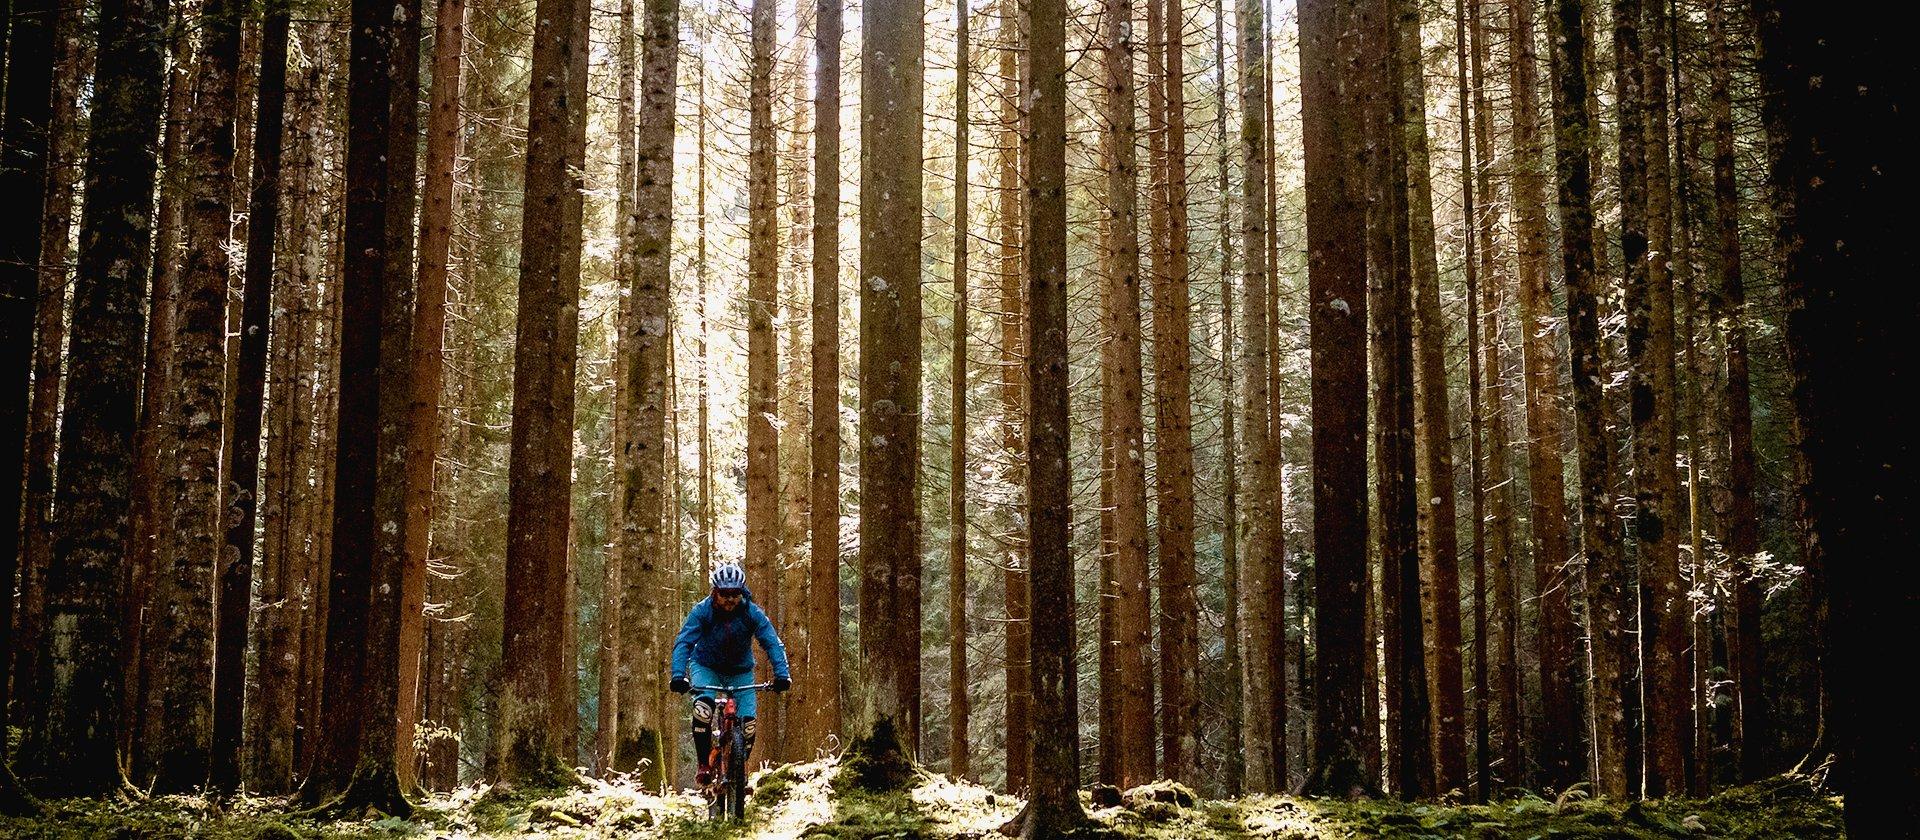 sentieri mtb nel bosco altopiano di asiago